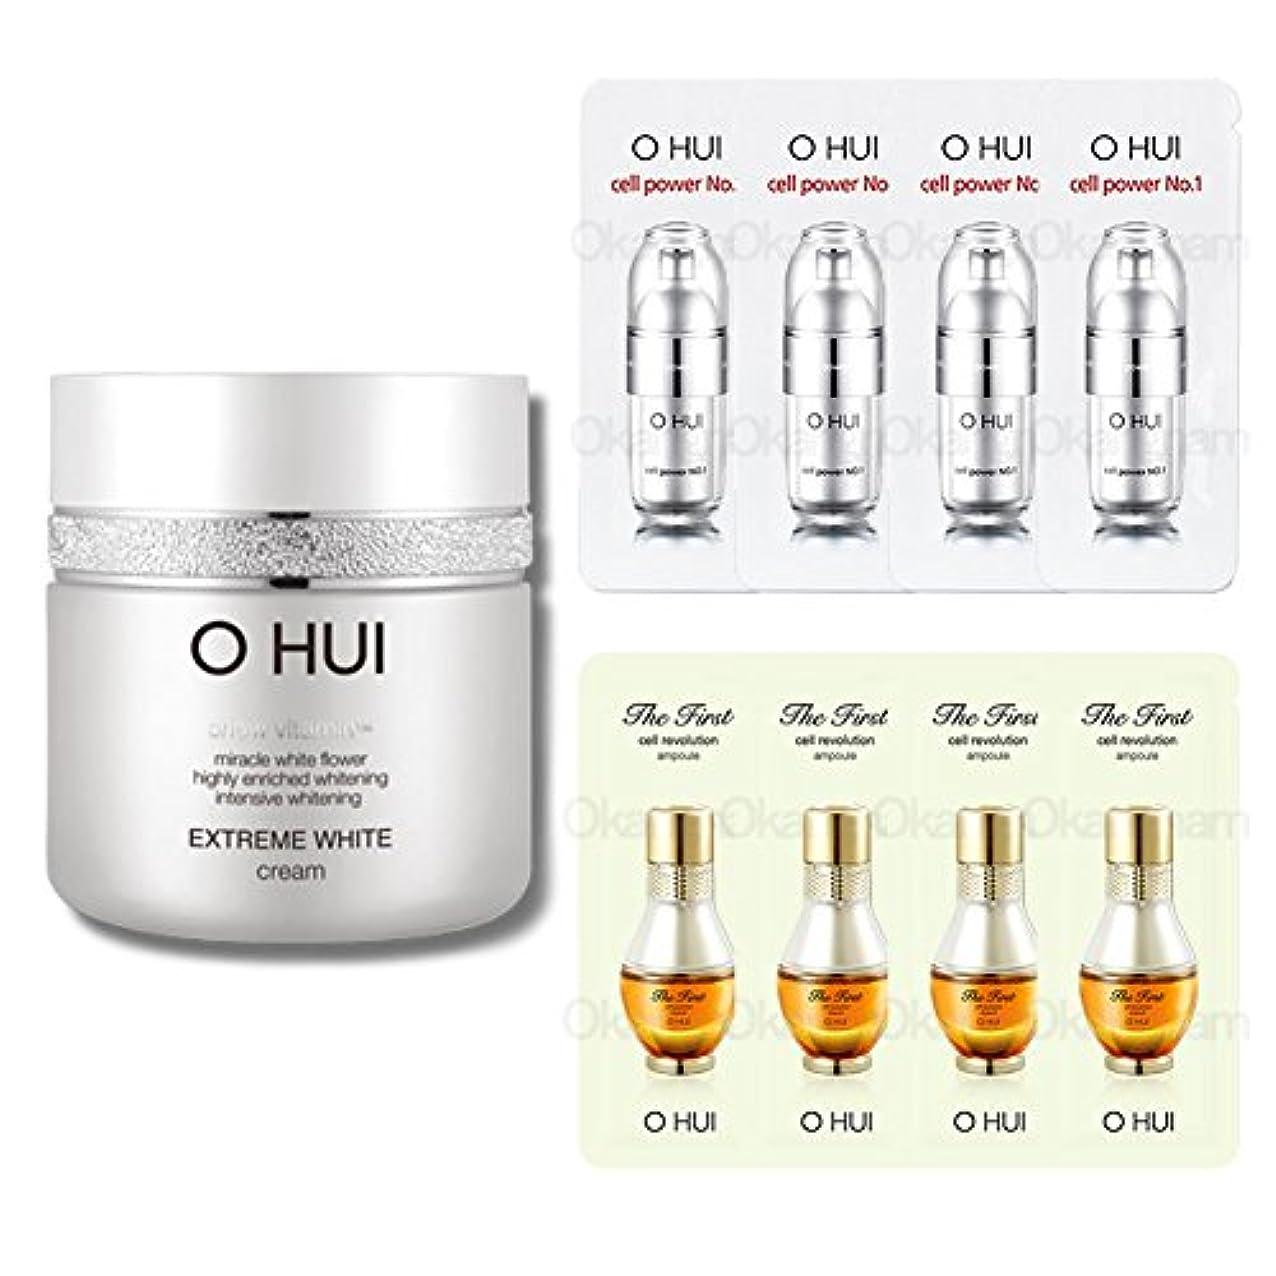 パック家パラメータ[オフィ/ O HUI]韓国化粧品 LG生活健康/ OHUI OEW04 EXTREME WHITE CREAM/オフィ エクストリーム ホワイトクリーム 50ml +[Sample Gift](海外直送品)